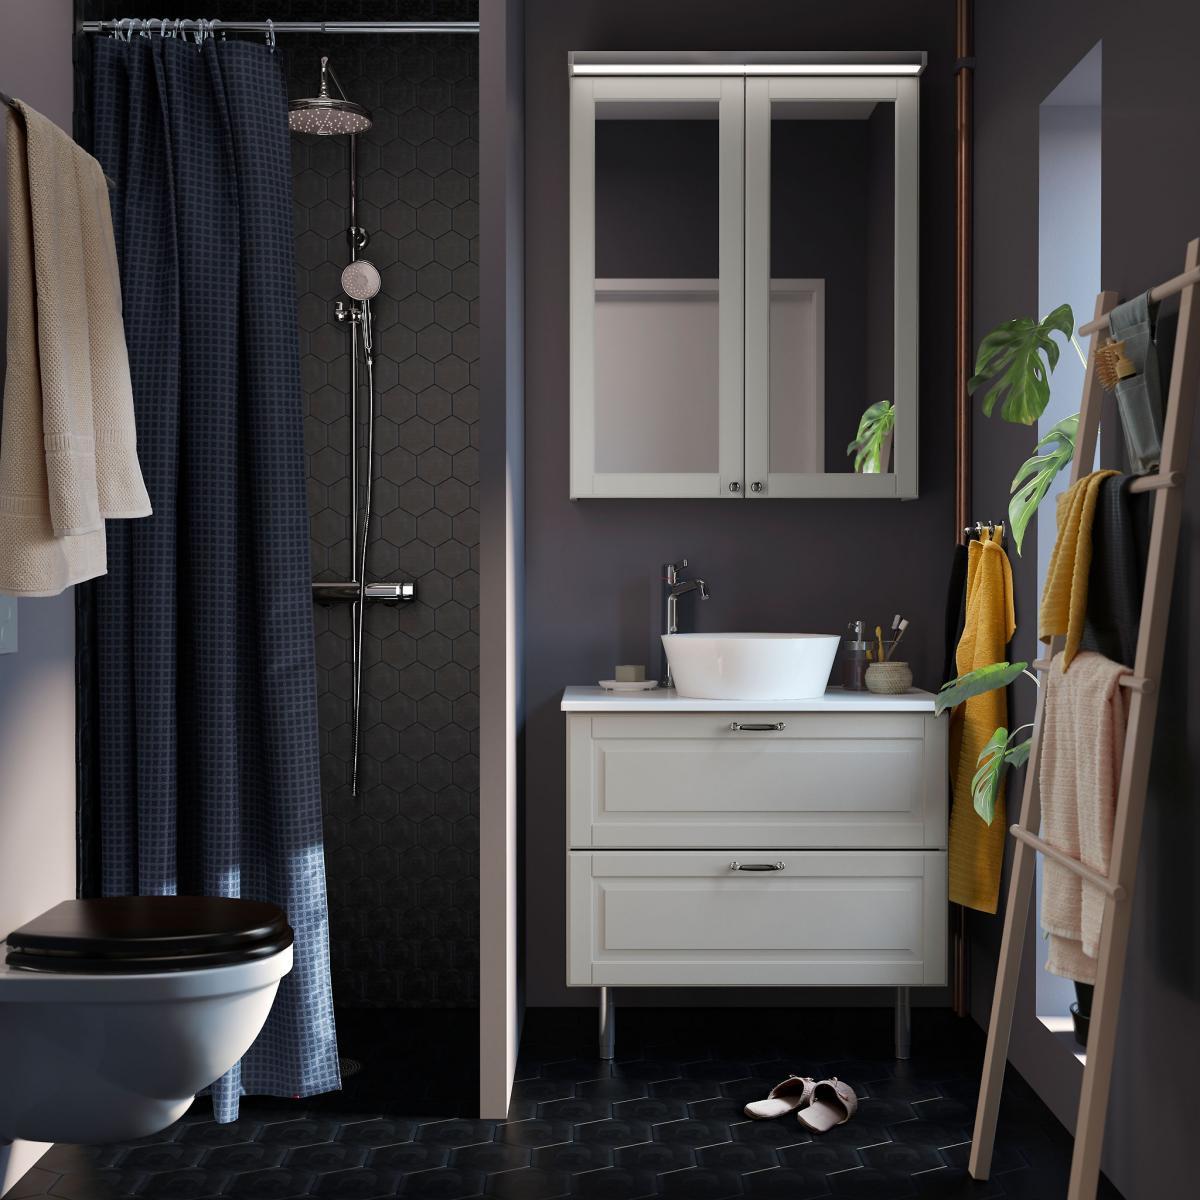 Photo De Salle De Bain Noir Et Blanc 10 idées pour une salle de bain stylée | madame décore